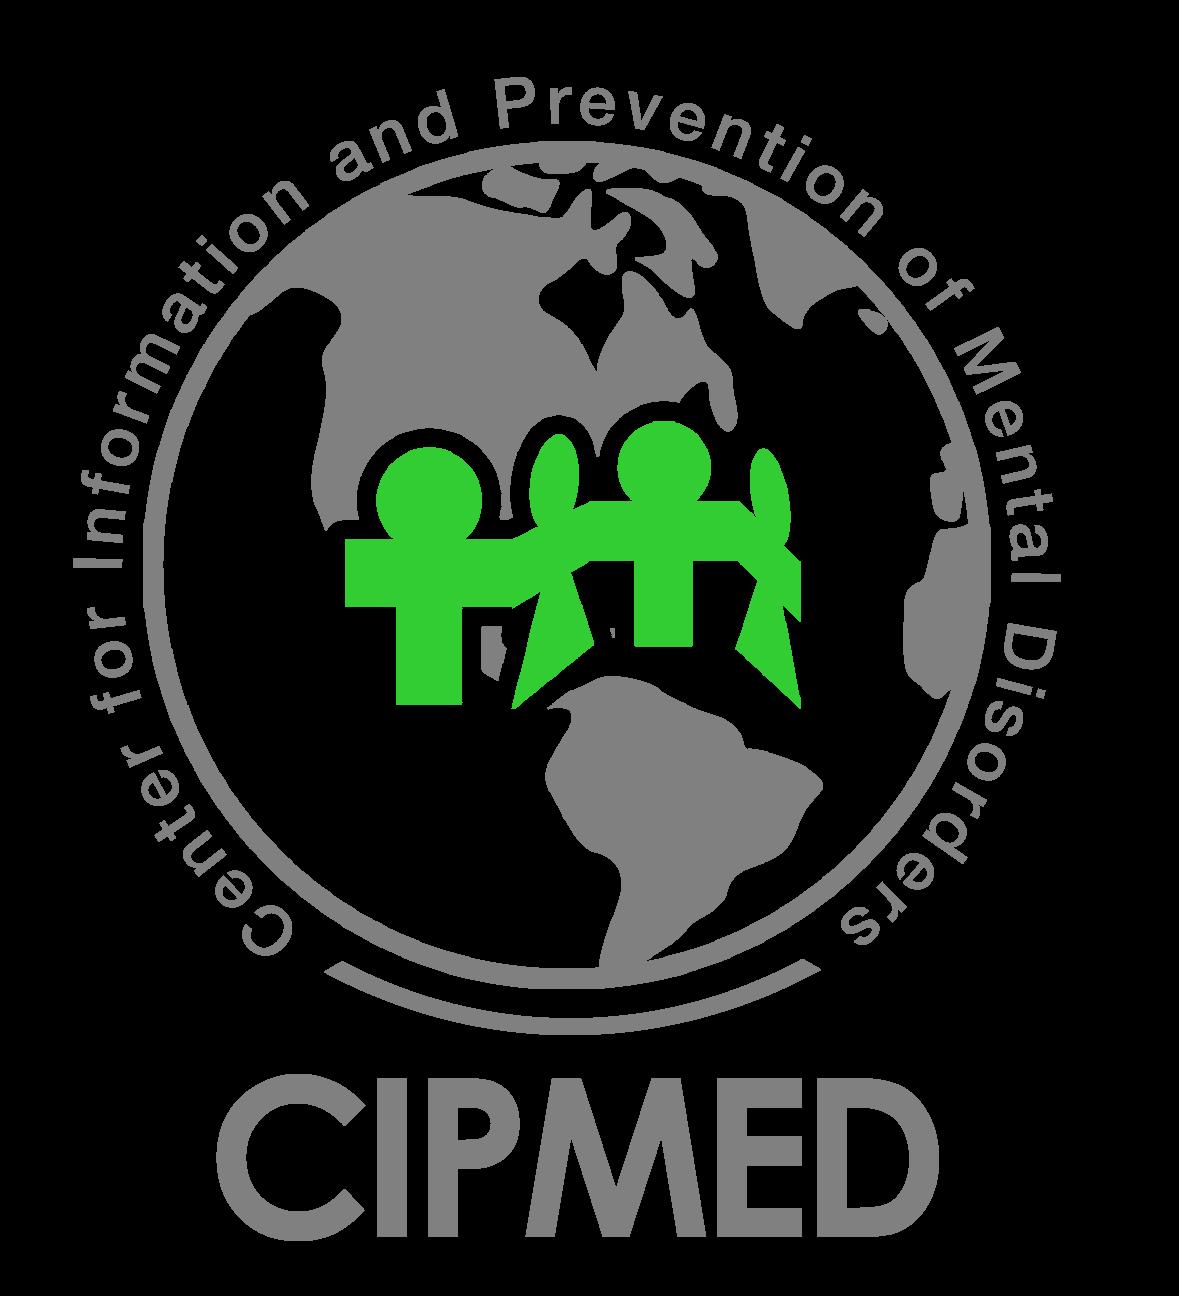 CIPMED